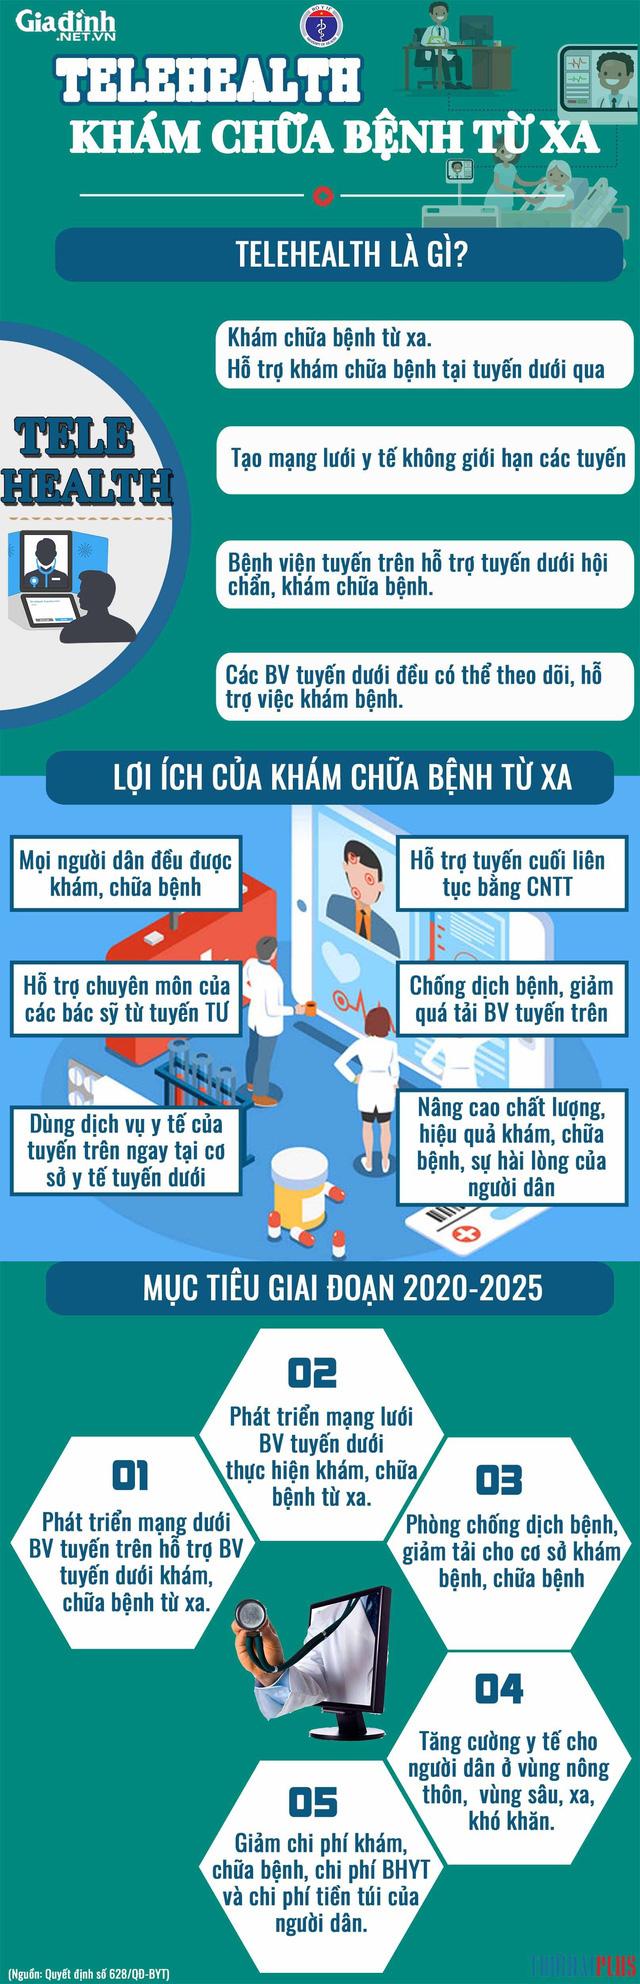 PGS.TS Nguyễn Lân Hiếu: 'Telehealth đúng như mong muốn của tôi' - Ảnh 5.